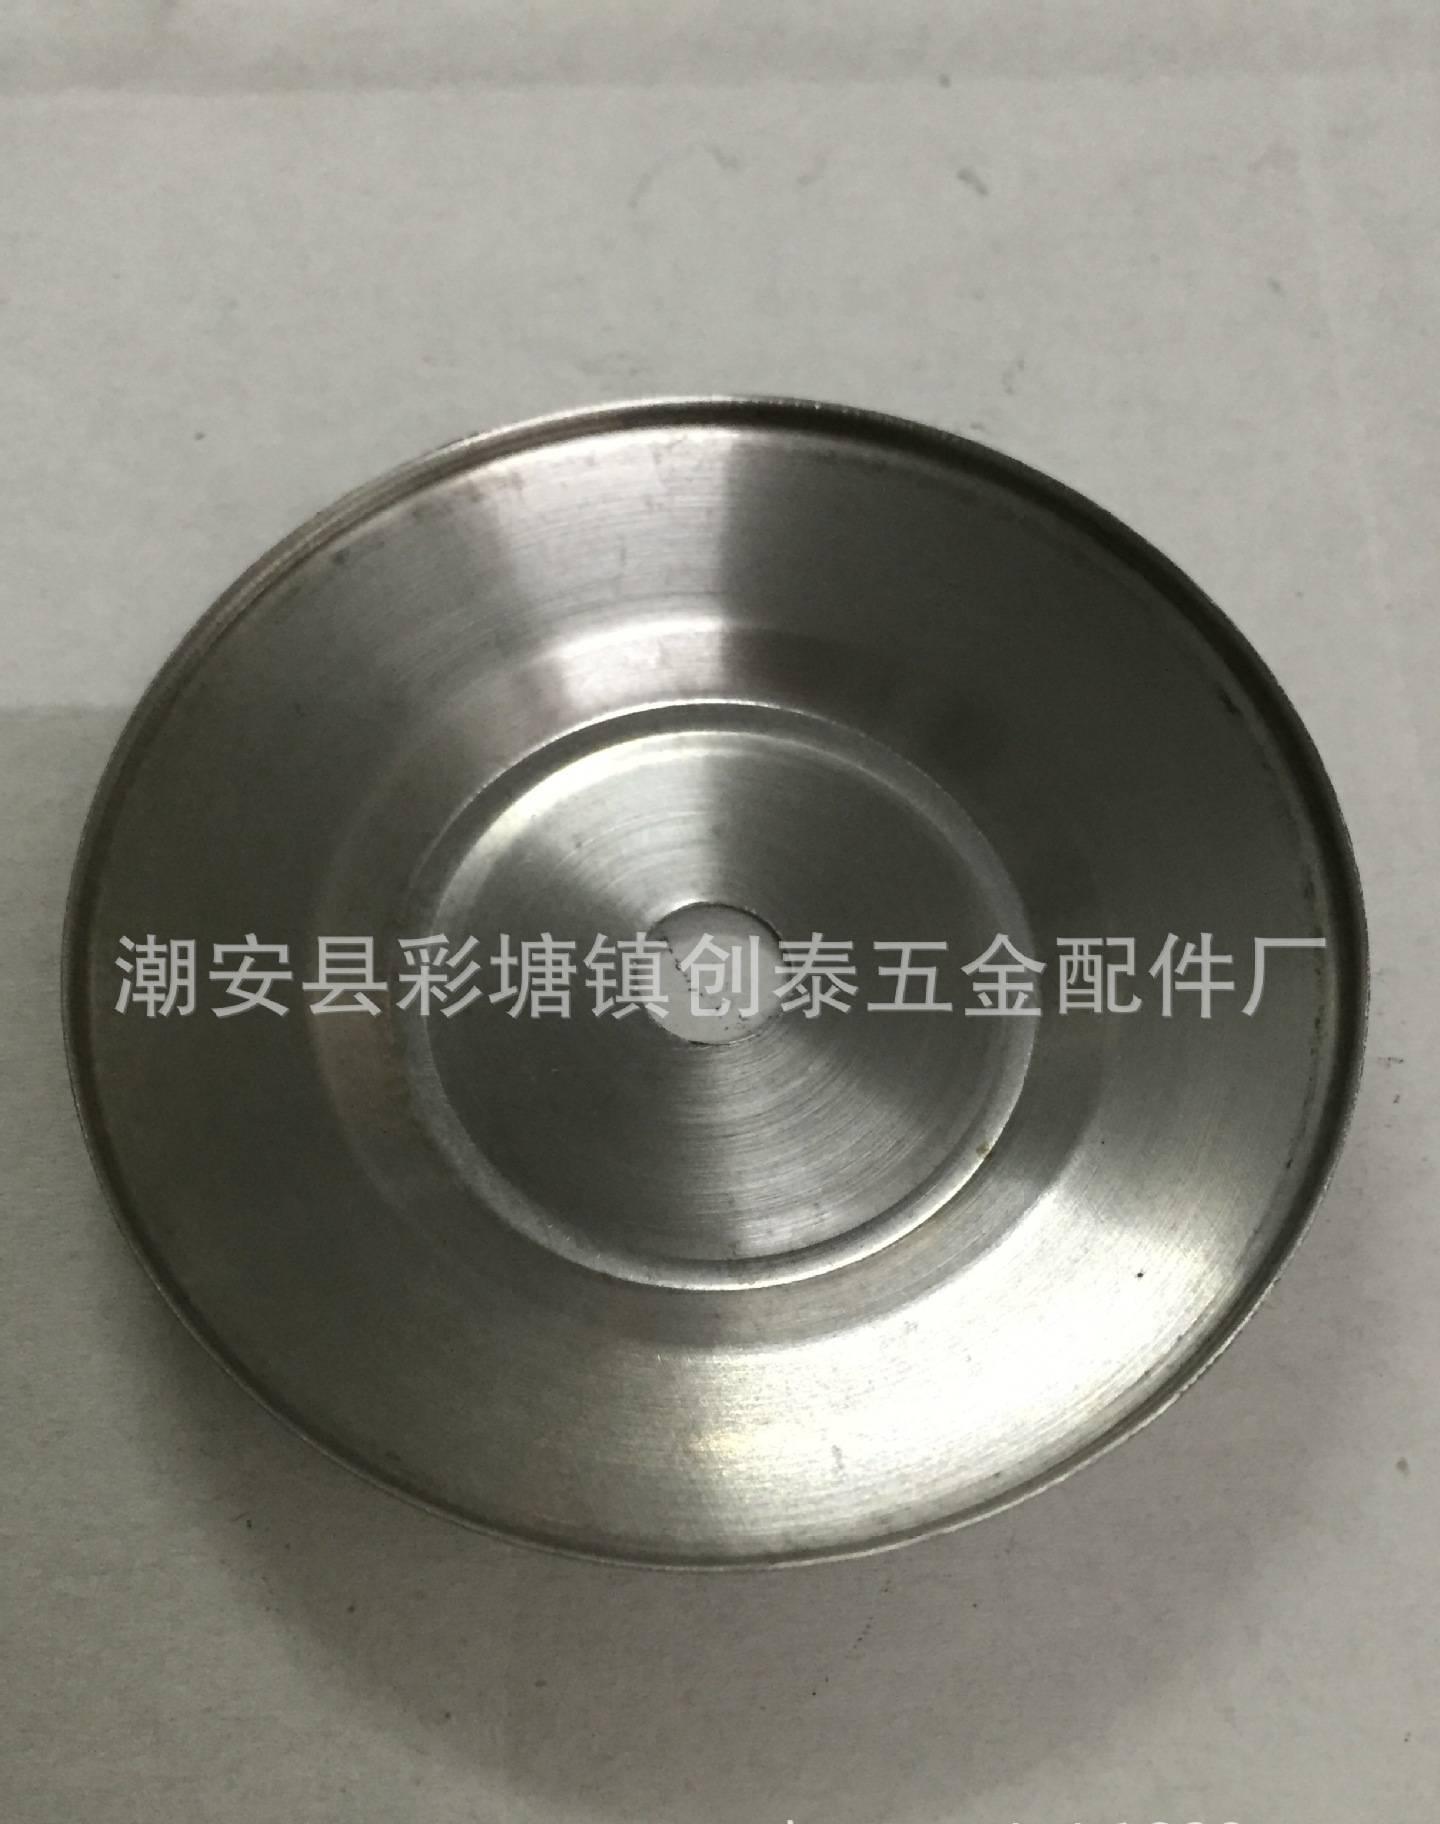 厂家直销批发不锈钢无磁抛光顶珠 盖珠 盖提 玲珑珠